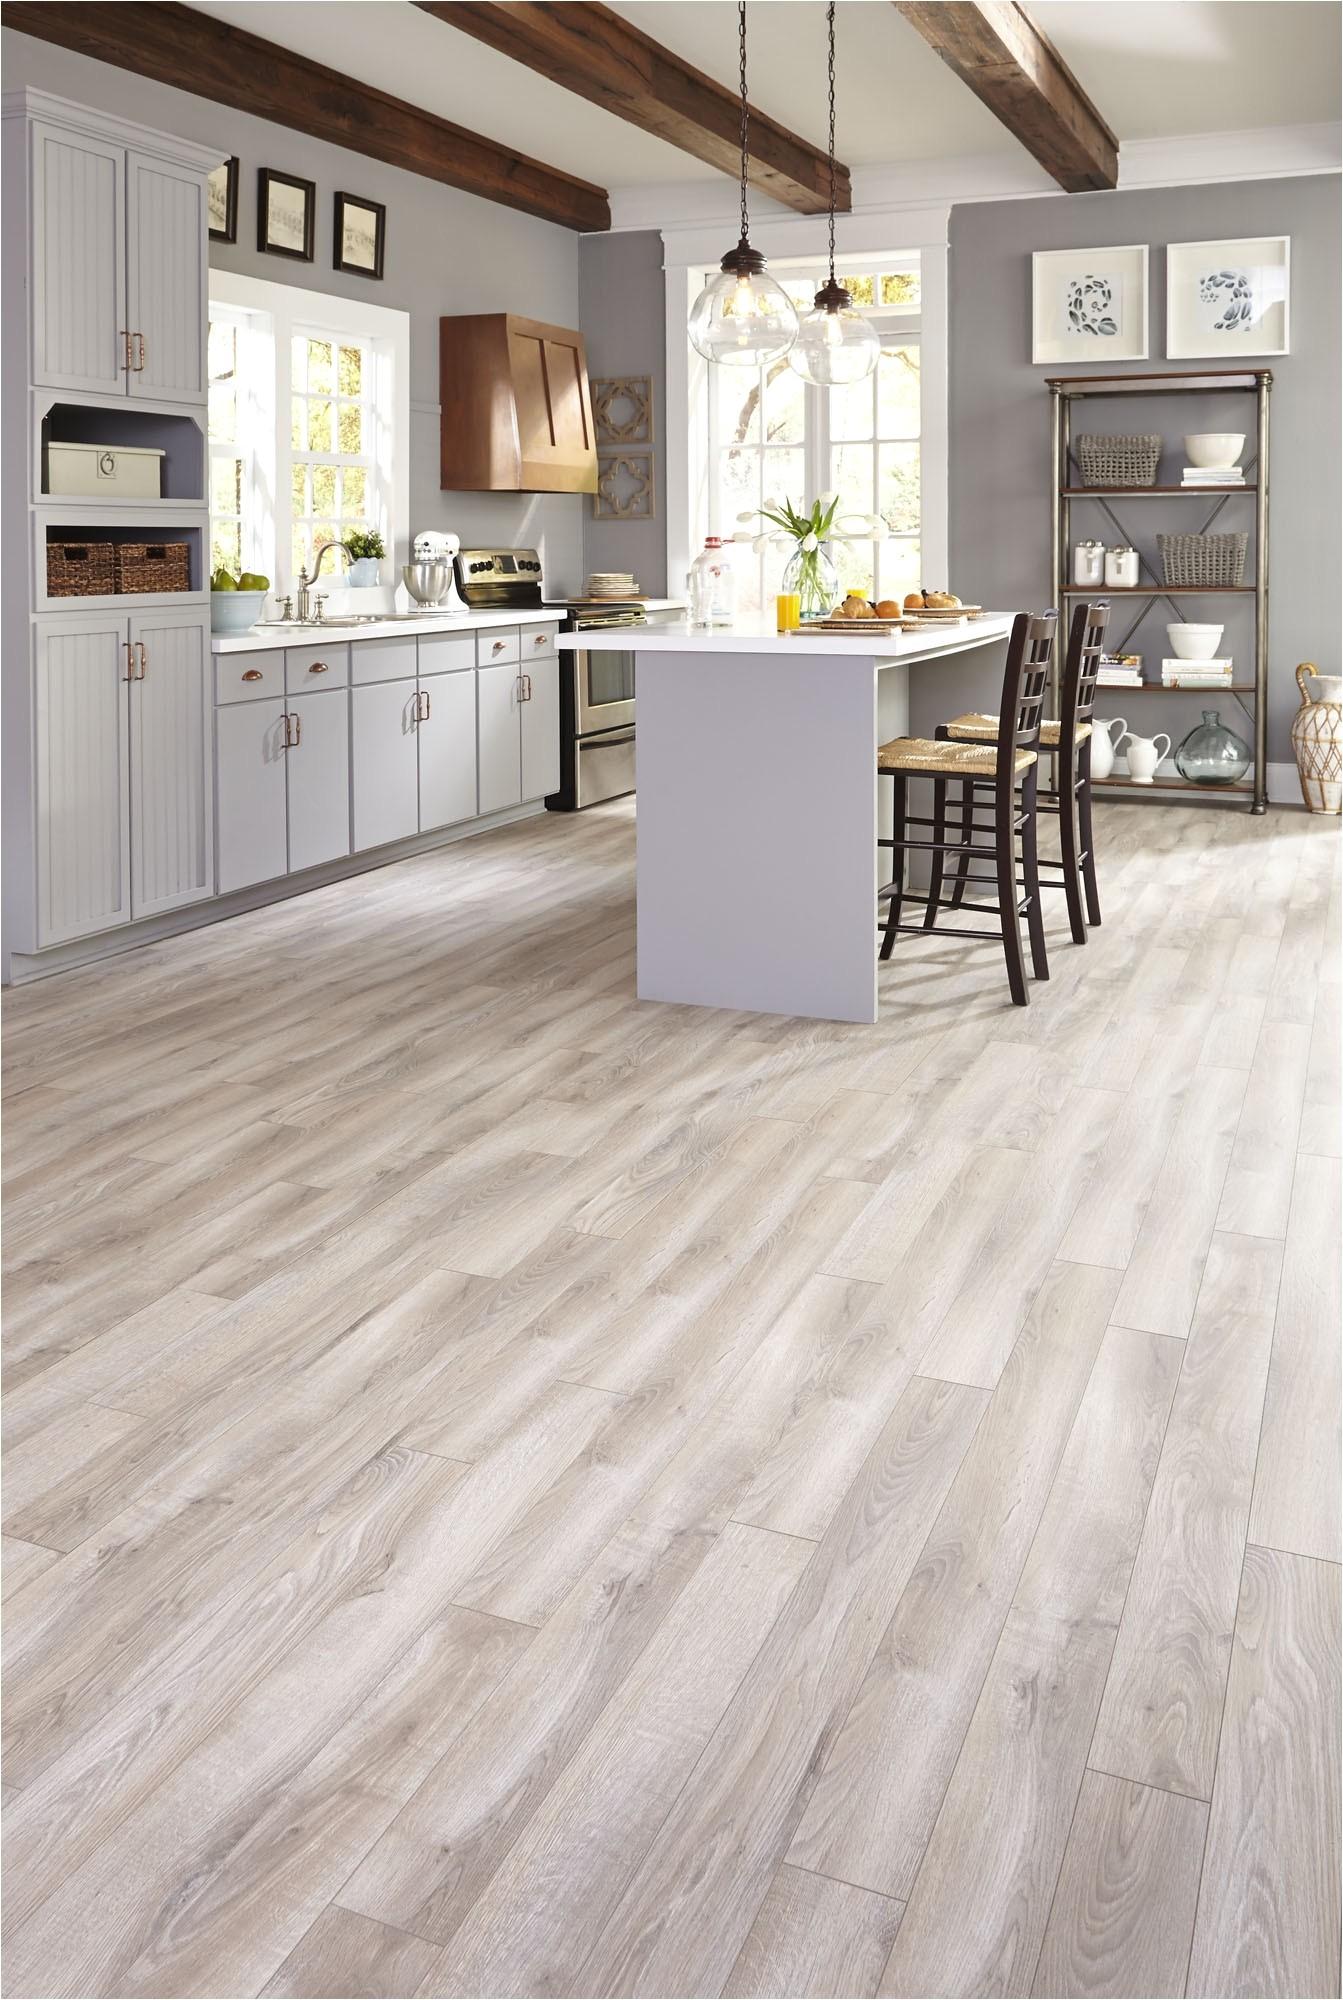 Premier Glueless Laminate Flooring Whitman Oak Premier Glueless Laminate Flooring Whitman Oak